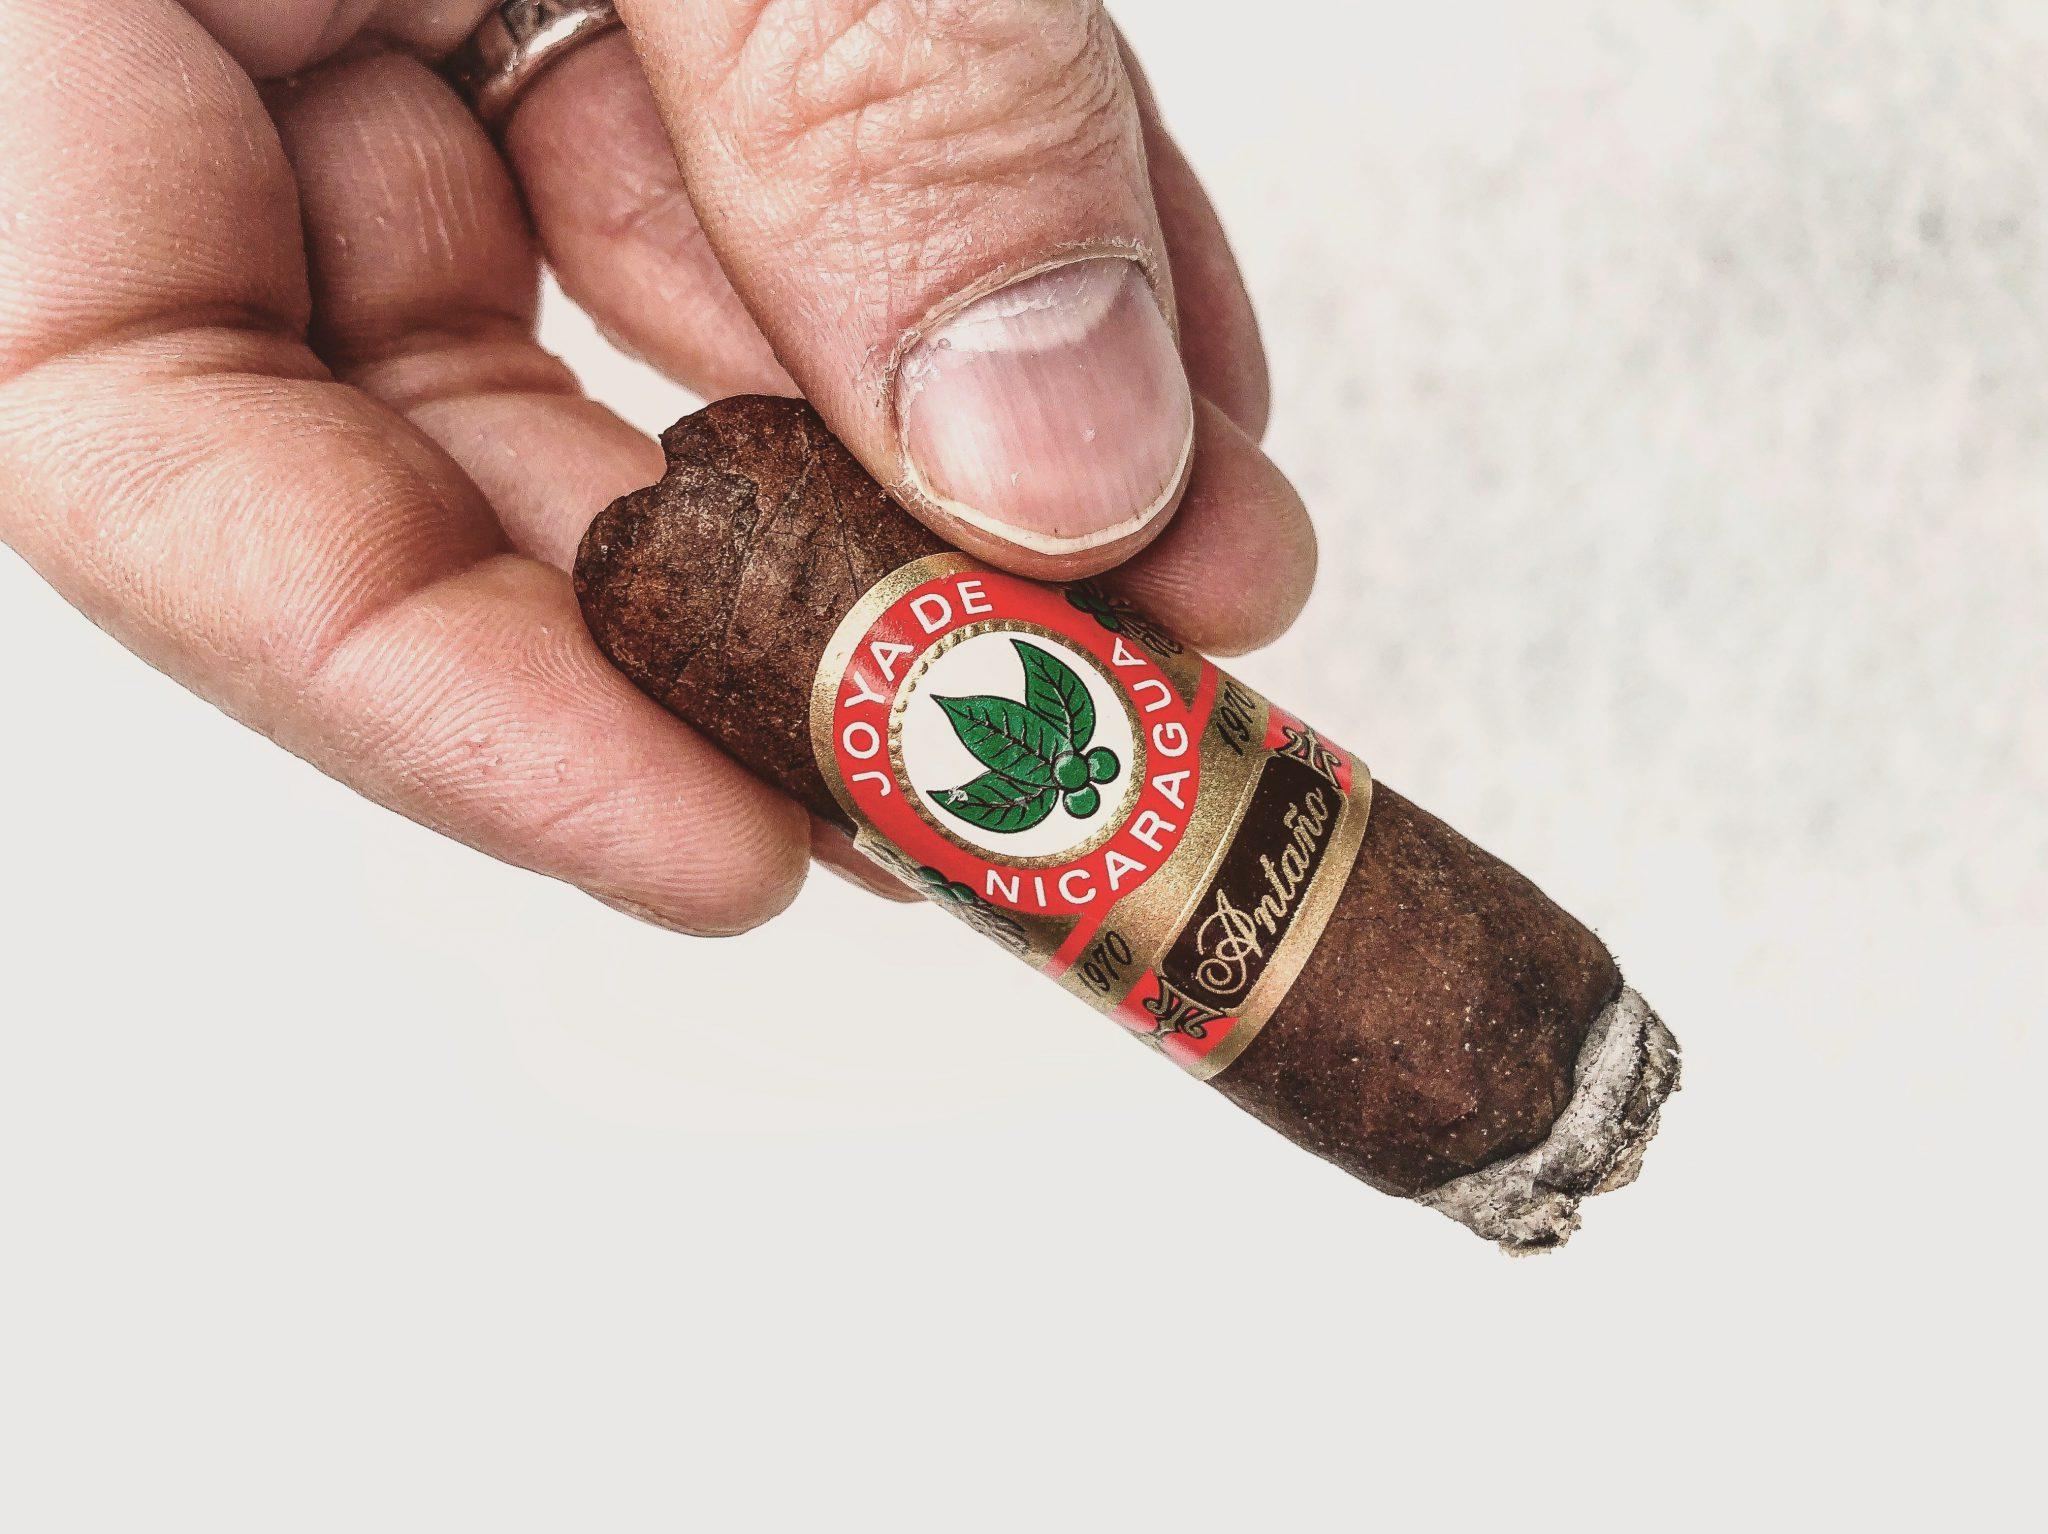 Joya de Nicaragua cigars guide joya de nicaragua jdn antano 1970 cigar review by Jared Gulick